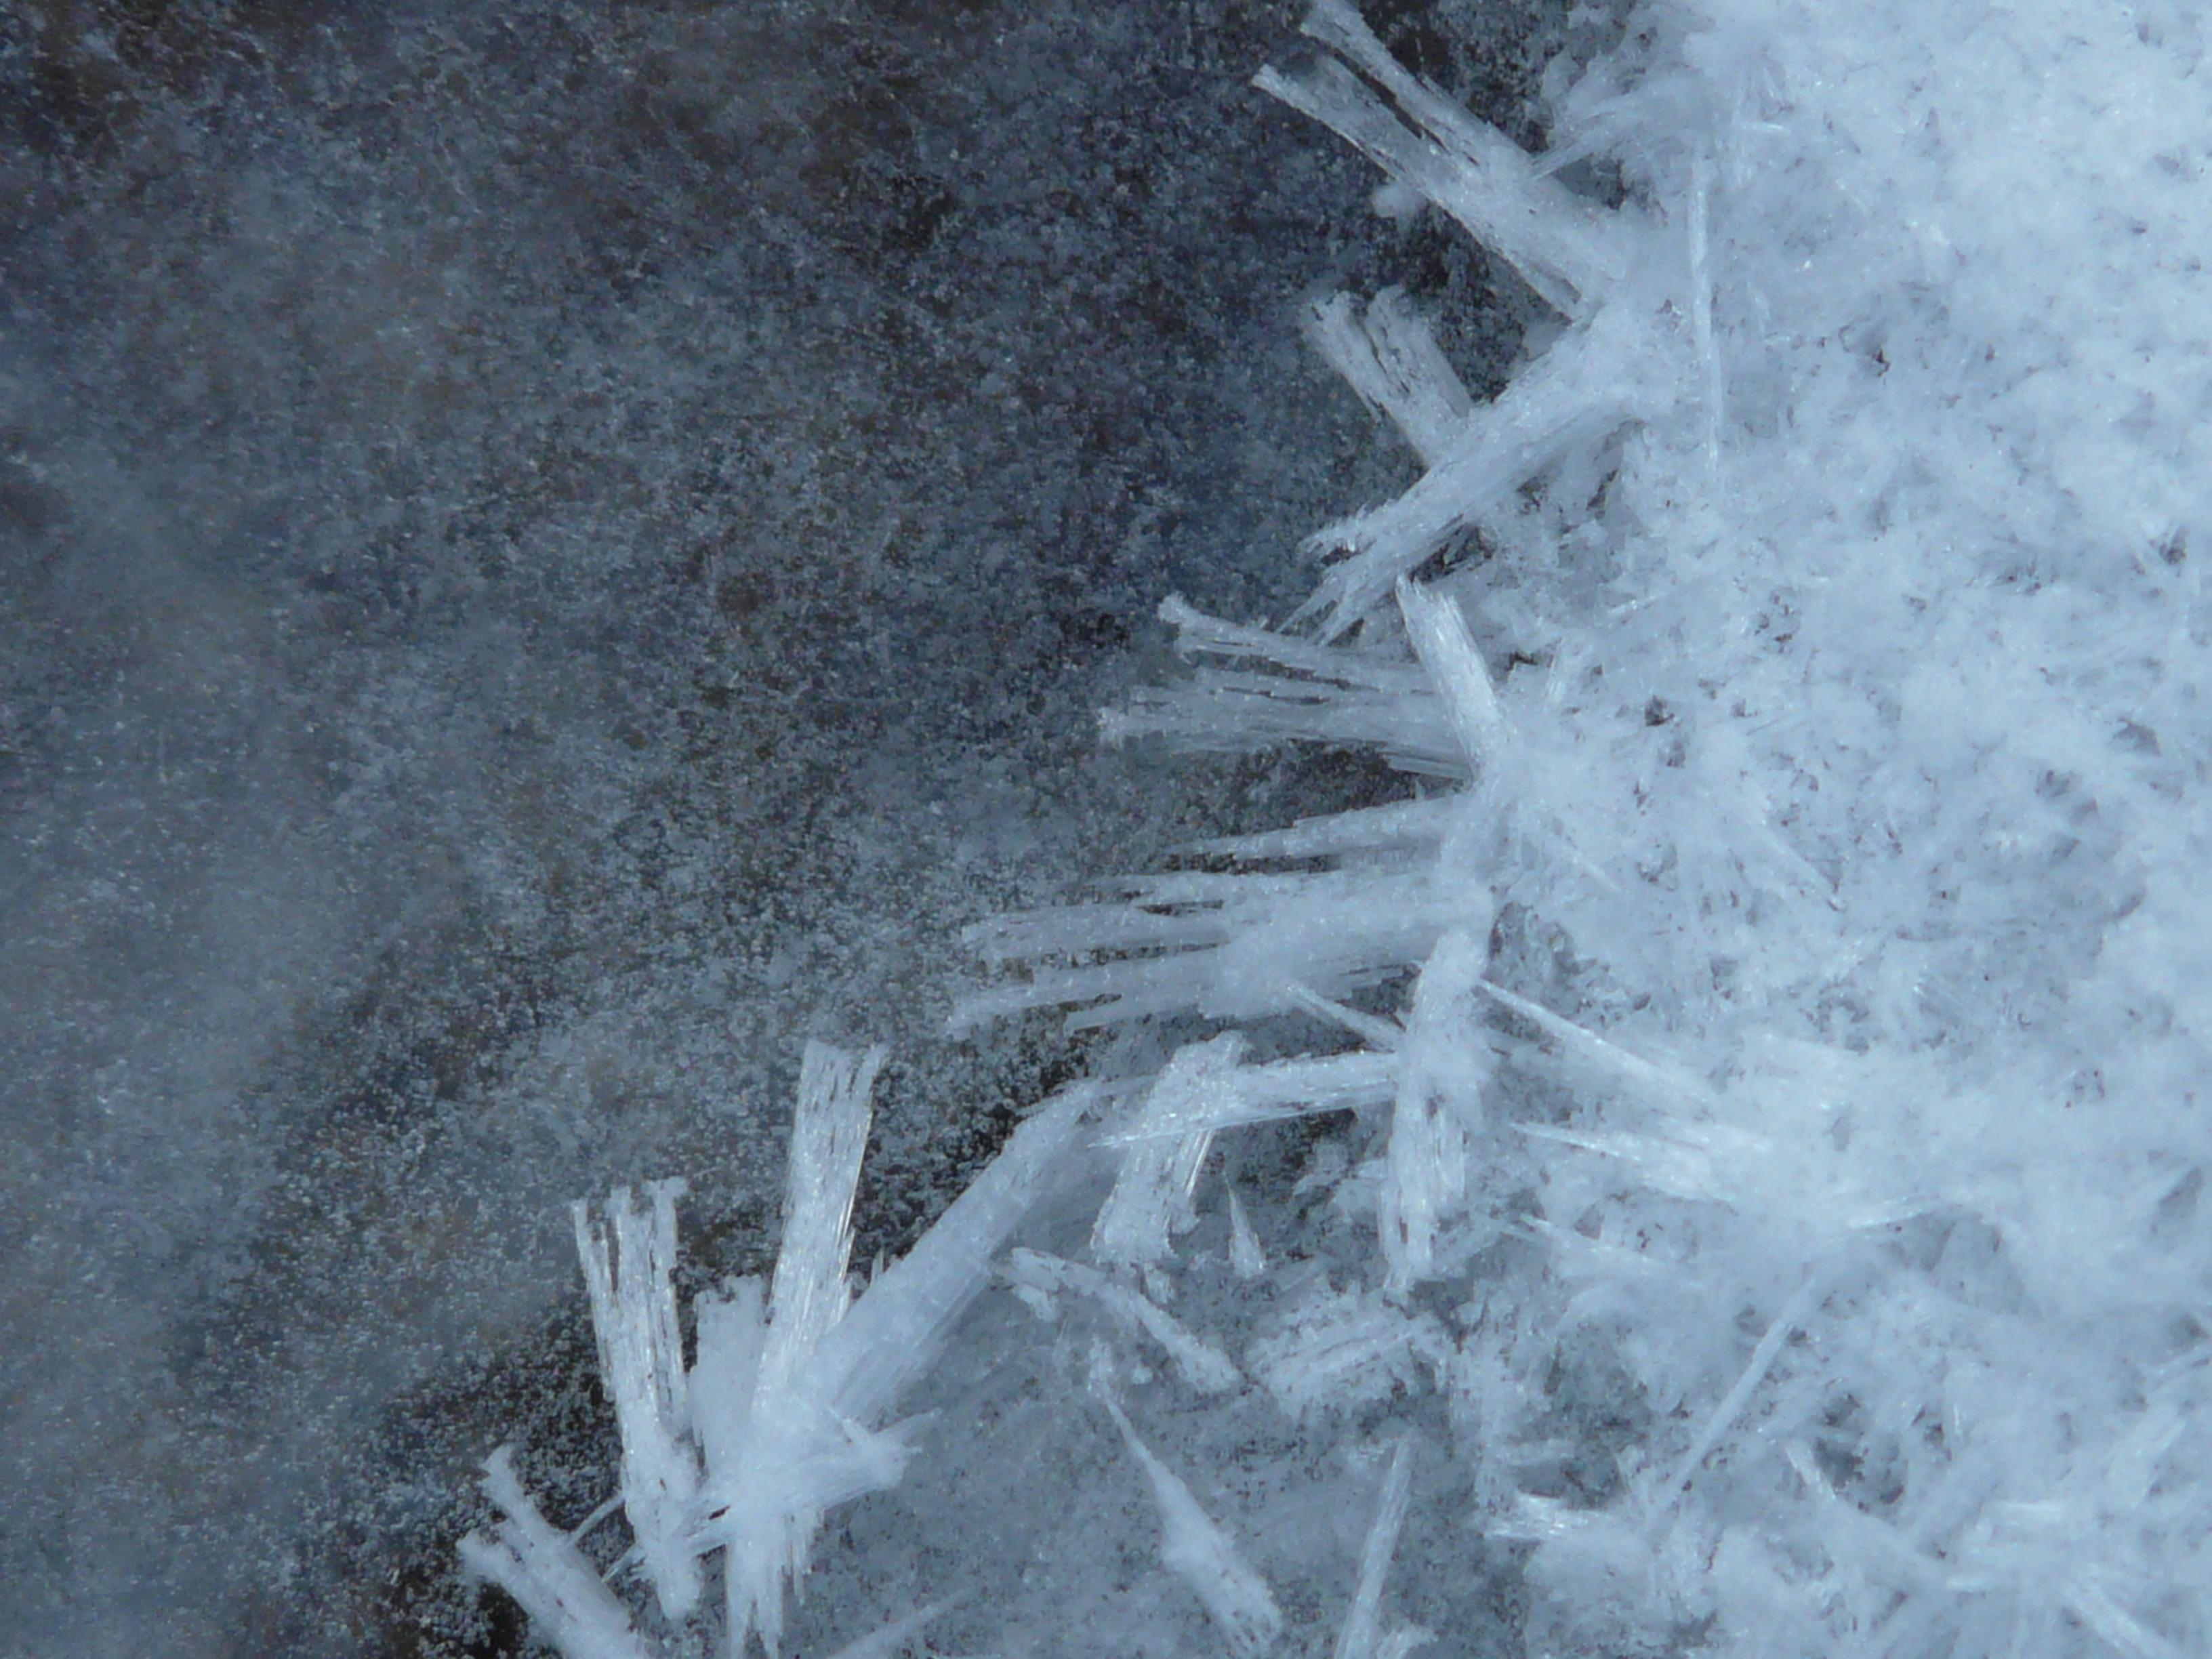 Fotoğraf : soğuk, don, buz, hava, dondurulmuş, sezon, buzlu, Kar fırtınası,  dondurucu, Eiskristalle, Kristaller, Jeolojik olay, kış fırtınası, Yağmur  ve kar yağışı 3264x2448 - - 1151661 - Ücretsiz resimler - PxHere